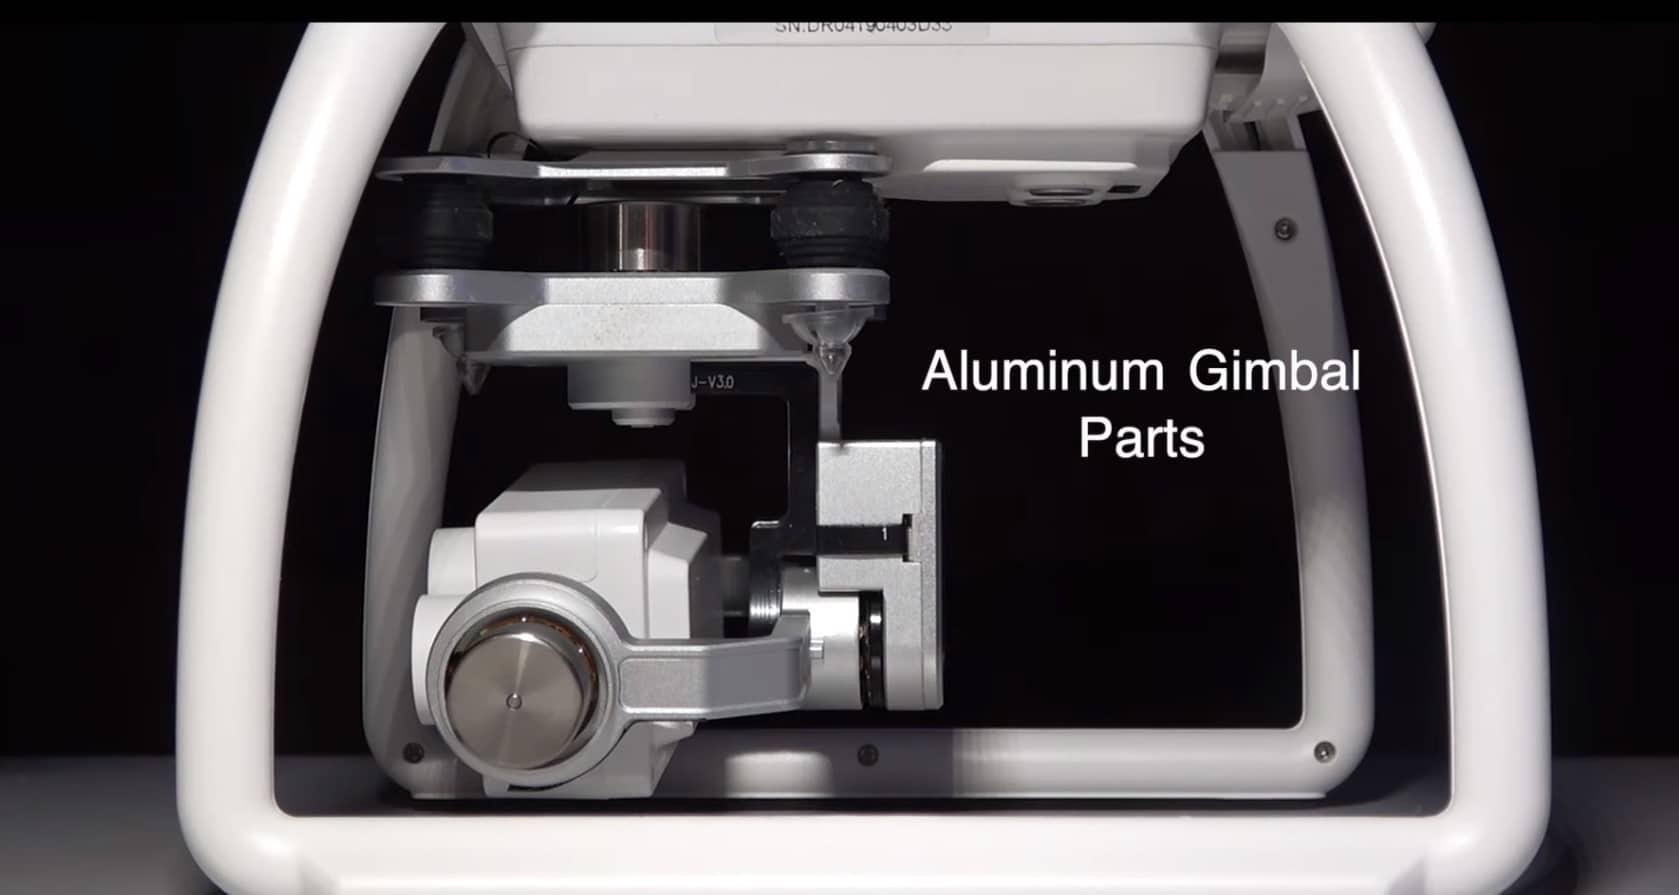 aluminum gimbal parts